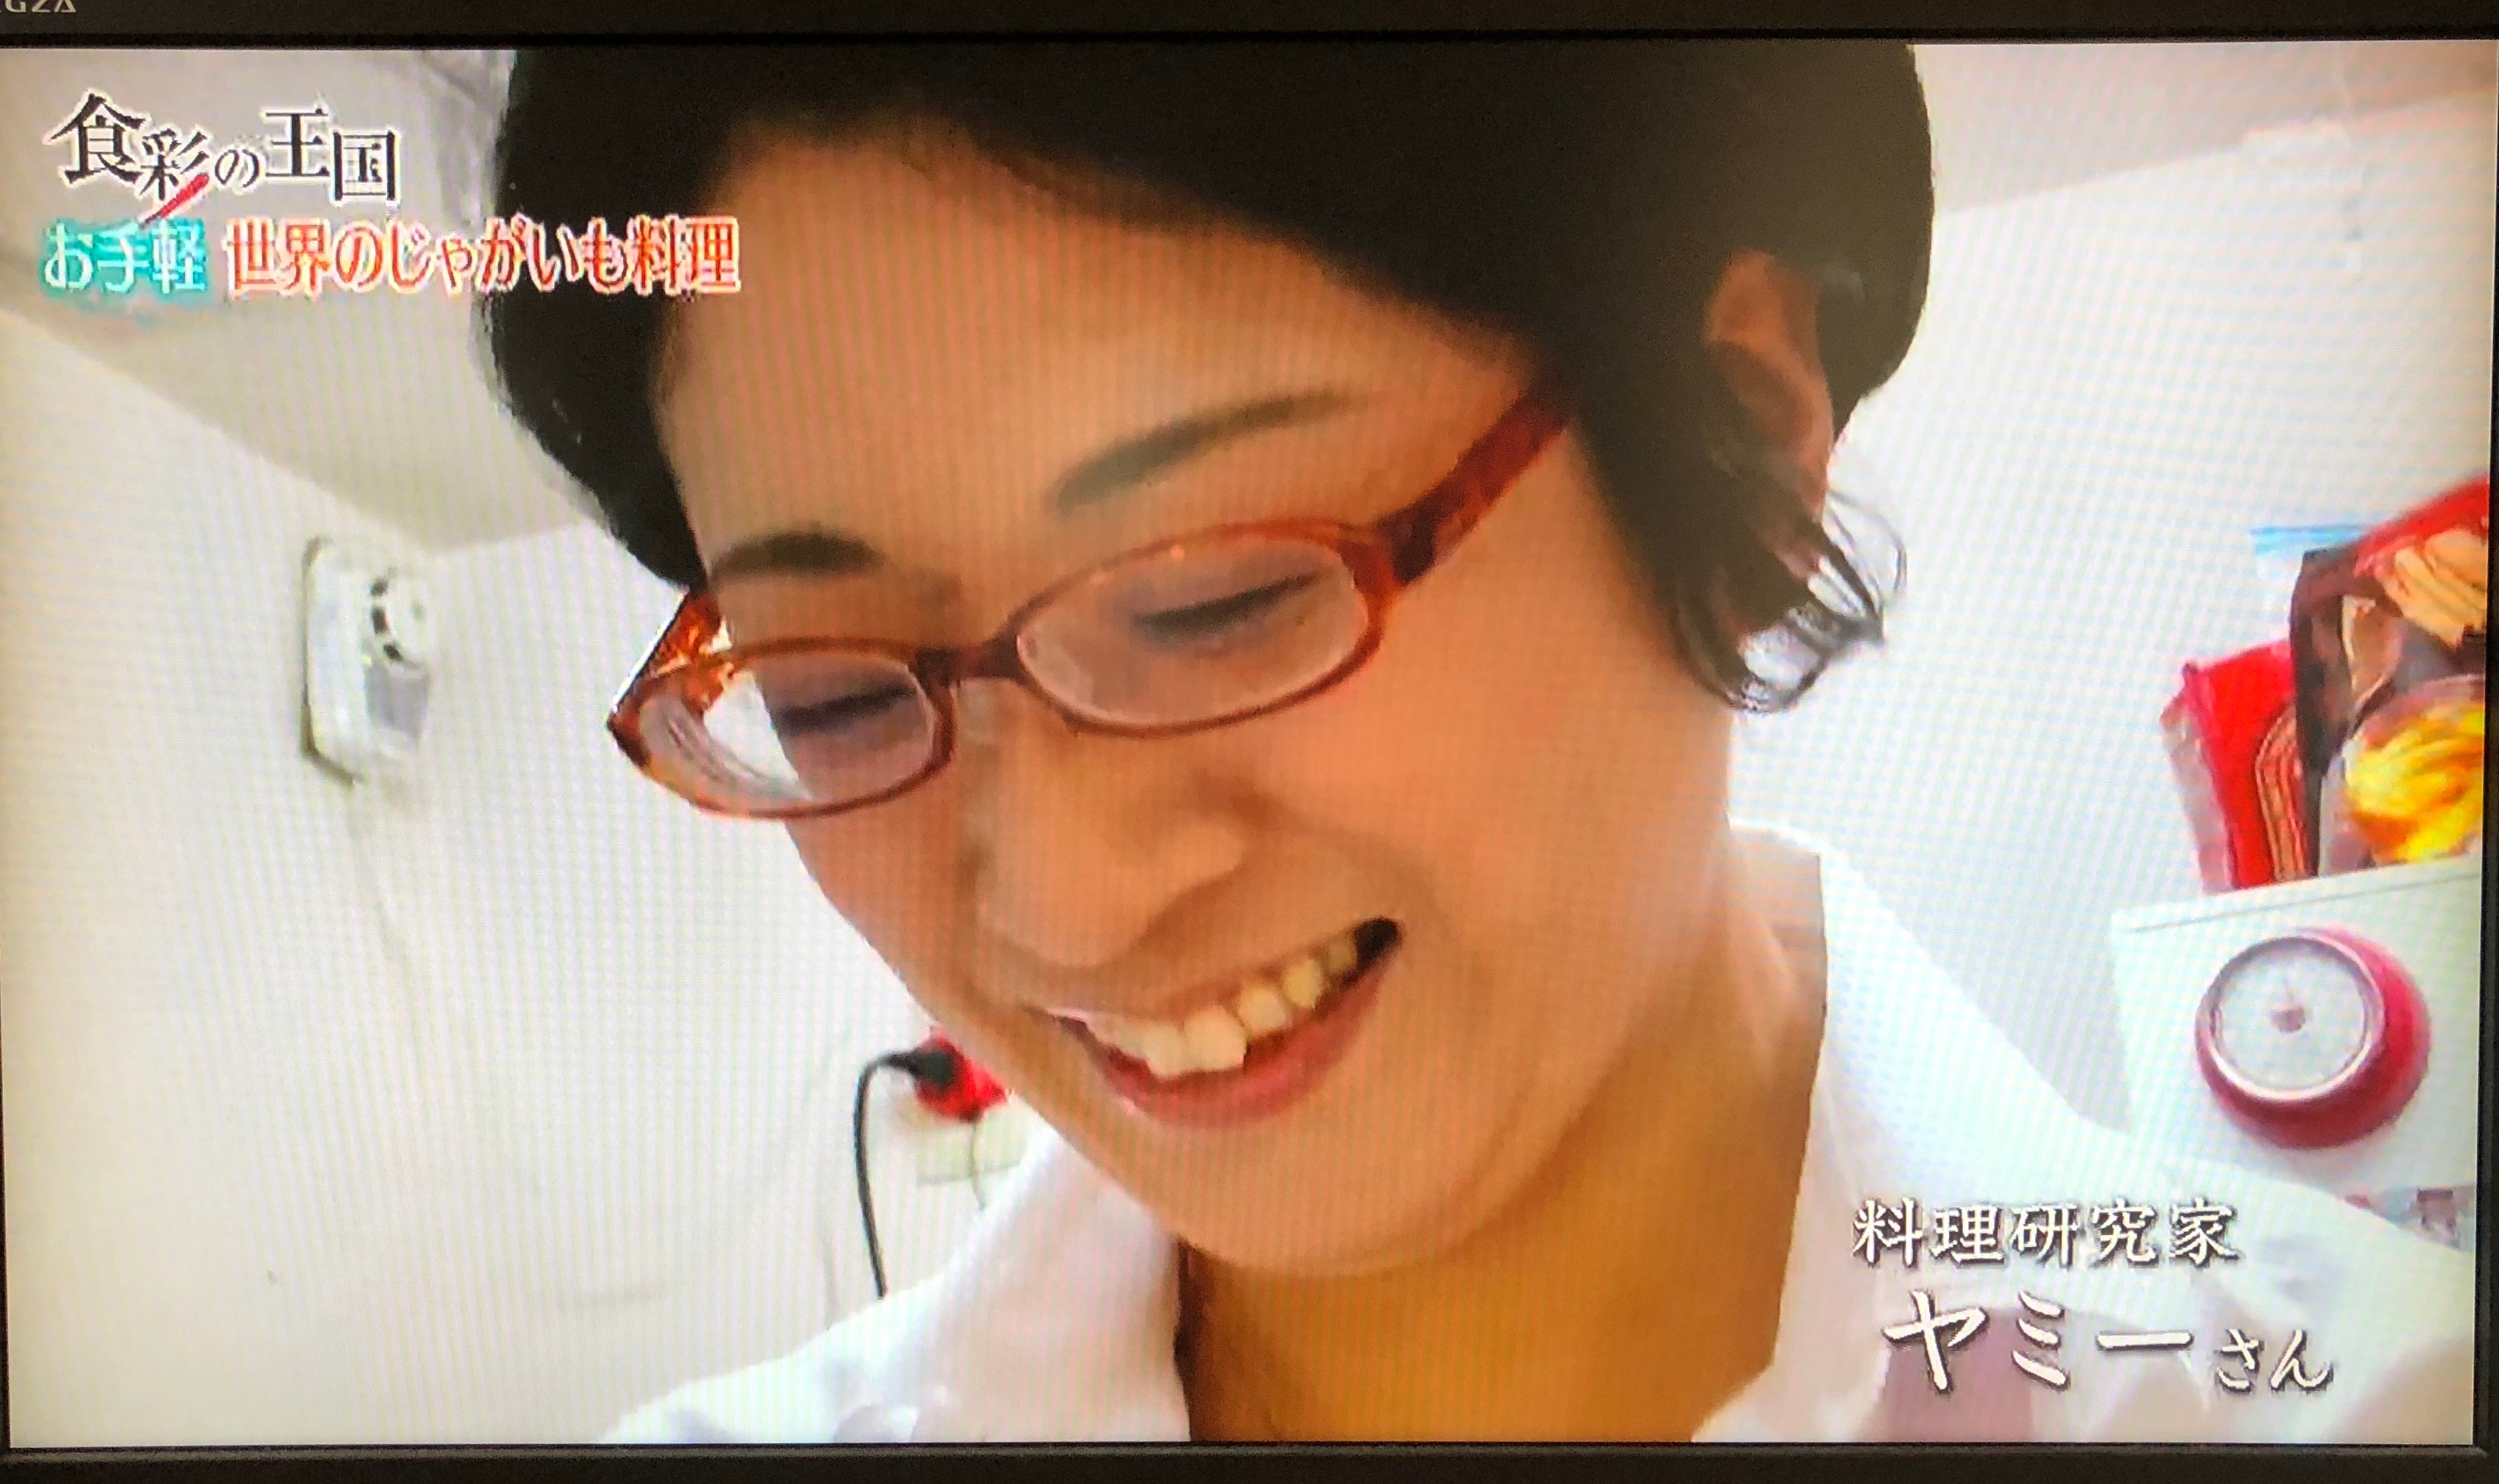 ヤミー:5/19 テレビ朝日「 食彩の王国」に出演しました!